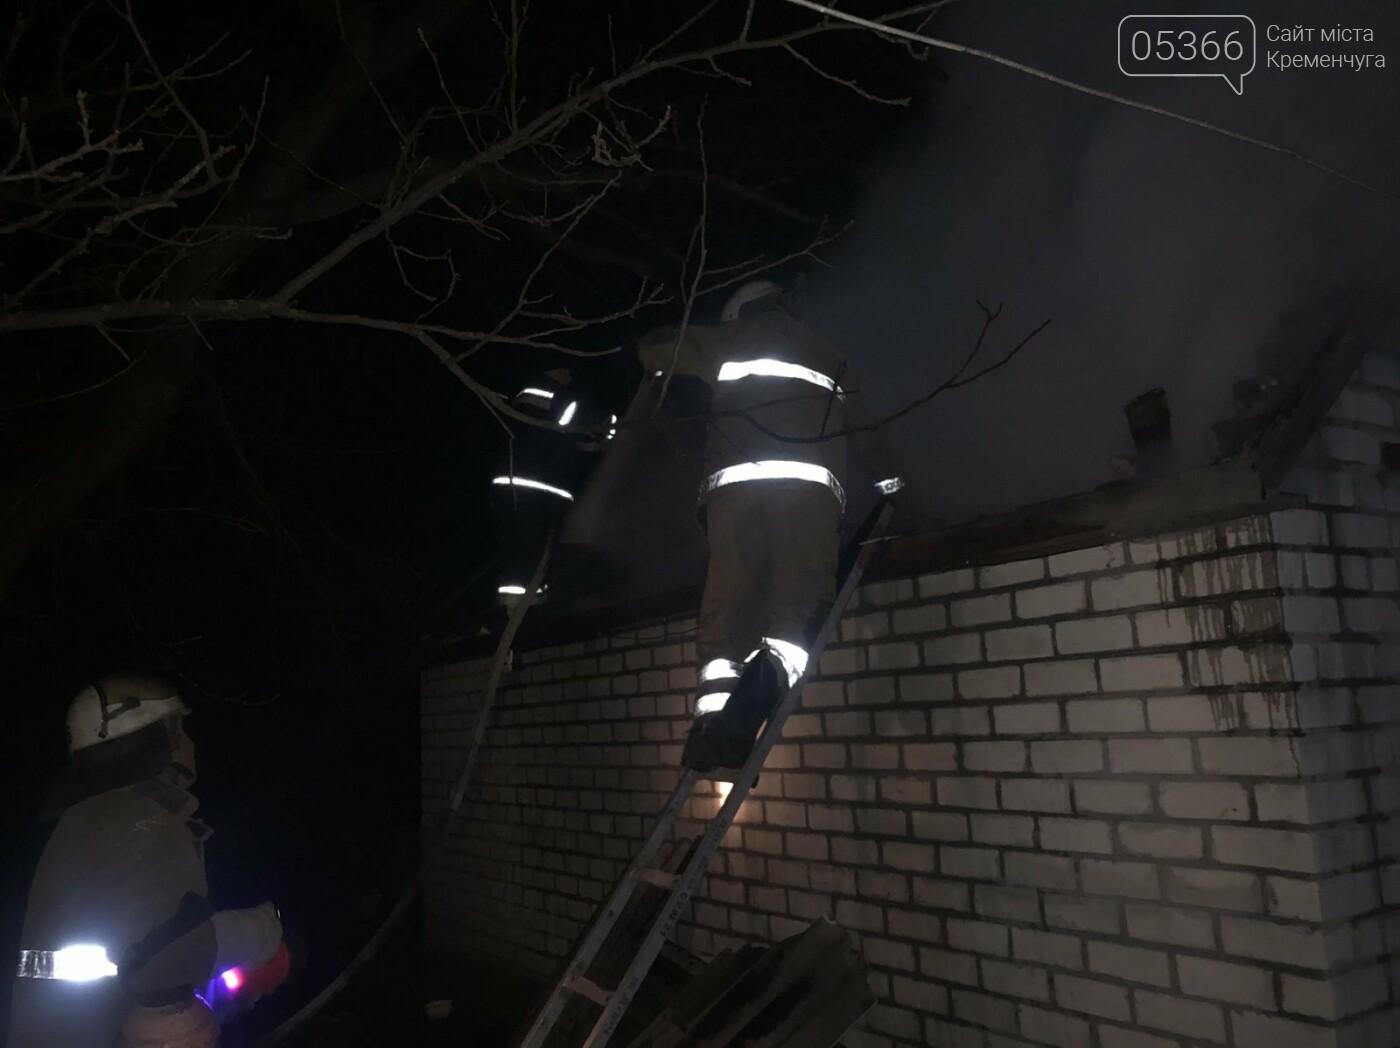 У Кременчуцькому районі сталася пожежа в гаражі. Фото, фото-1